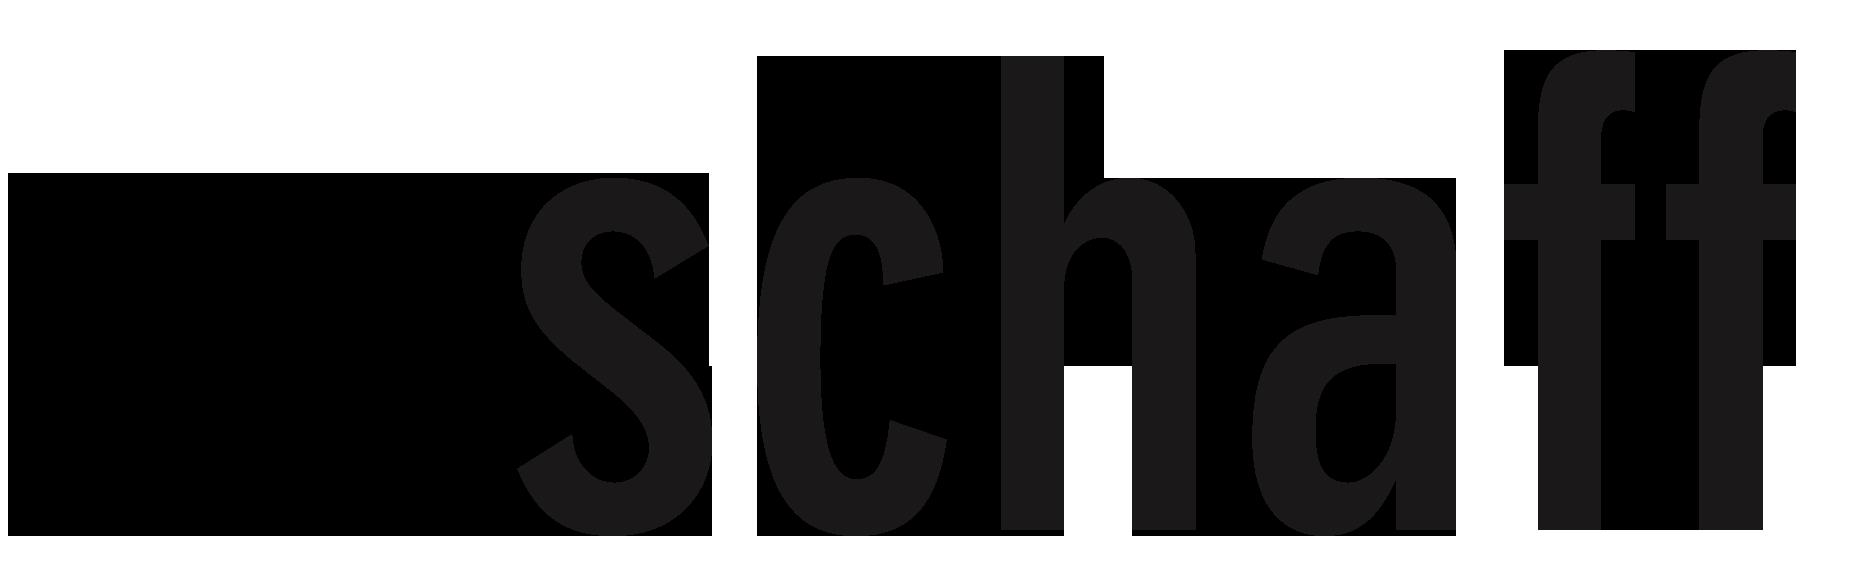 Schaff-Verlag